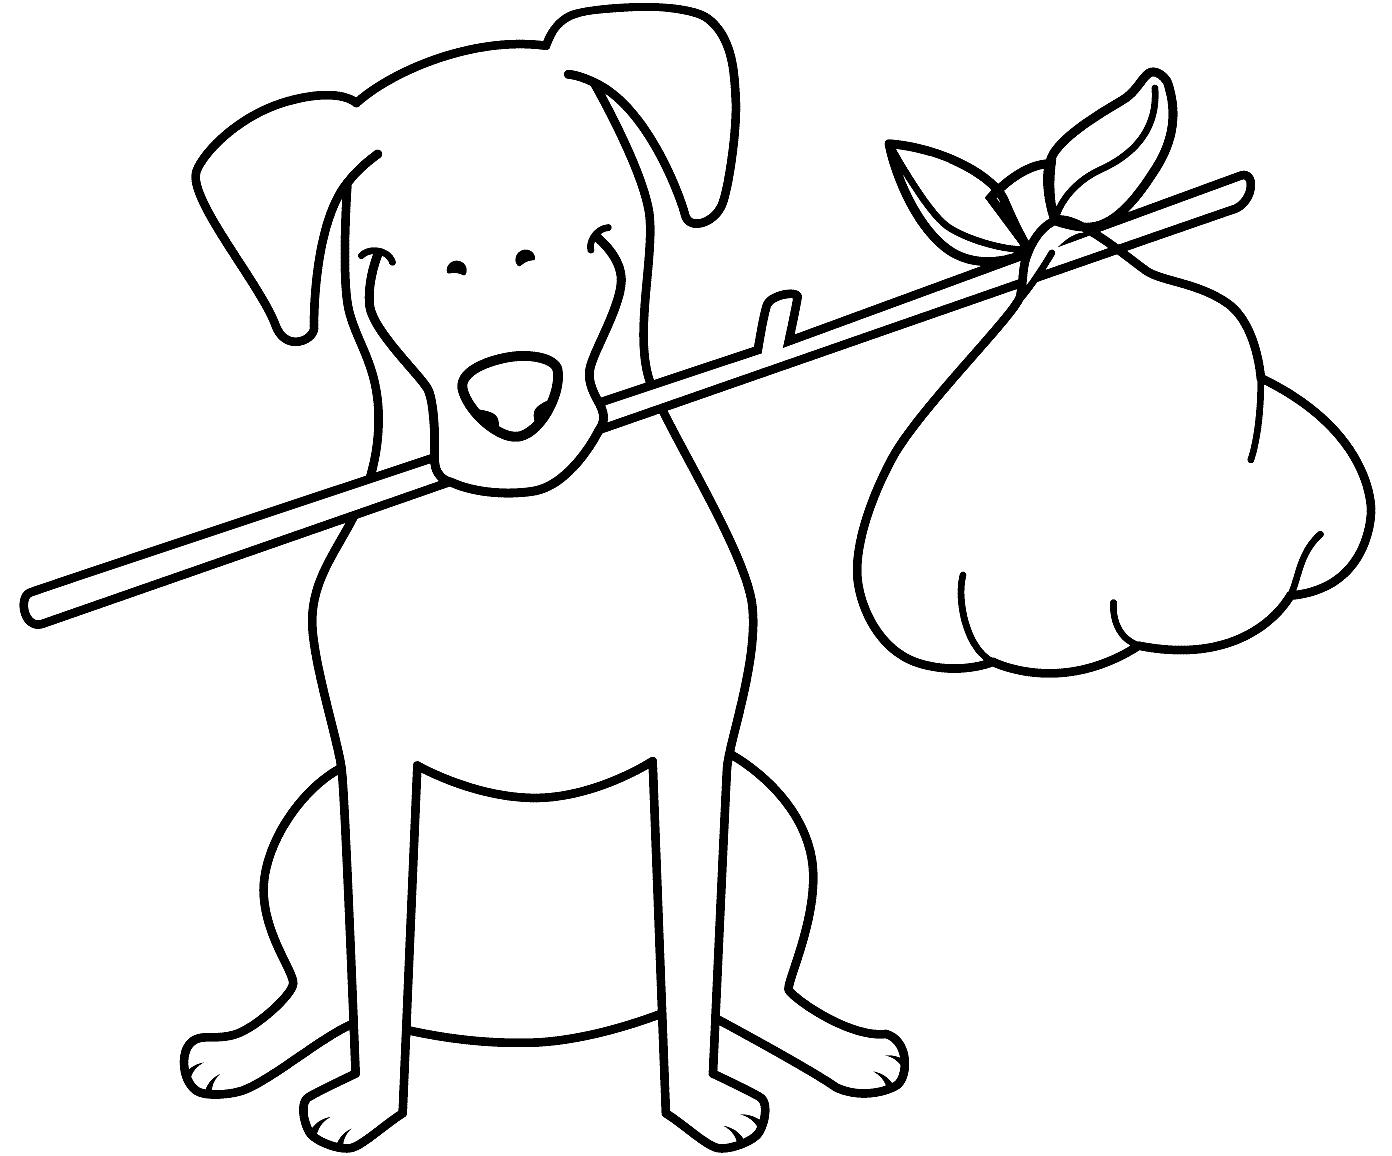 Disegni cani simpatici e divertenti da colorare